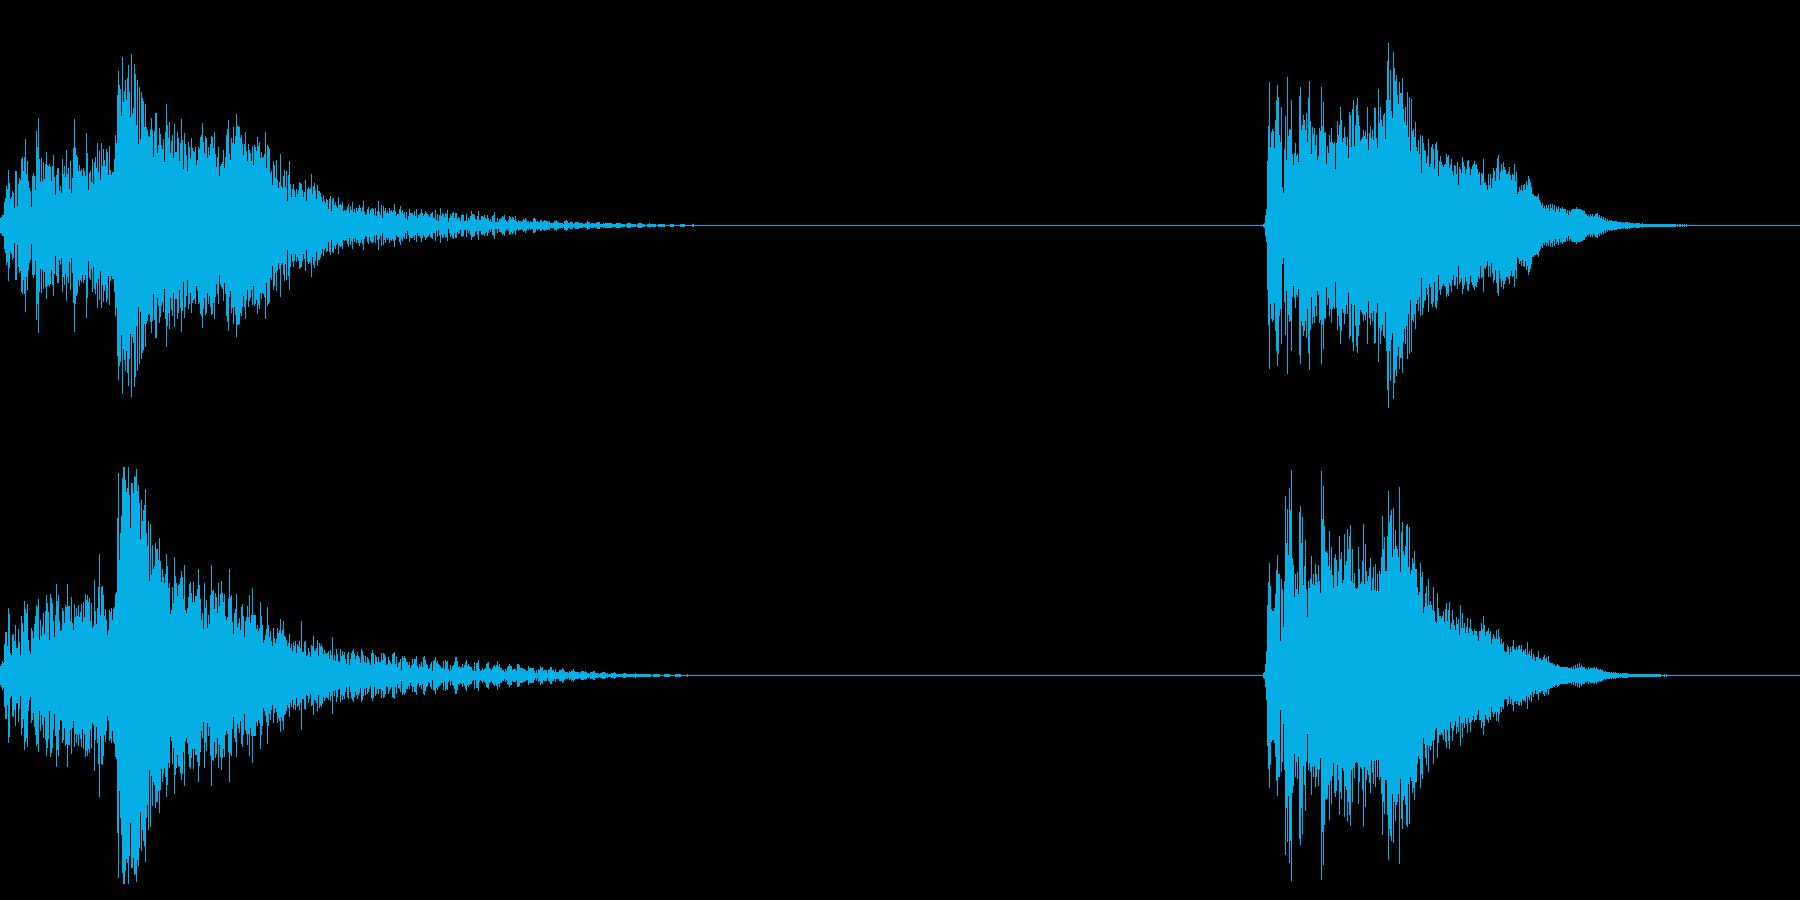 ウェットスケールヒット、2バージョ...の再生済みの波形